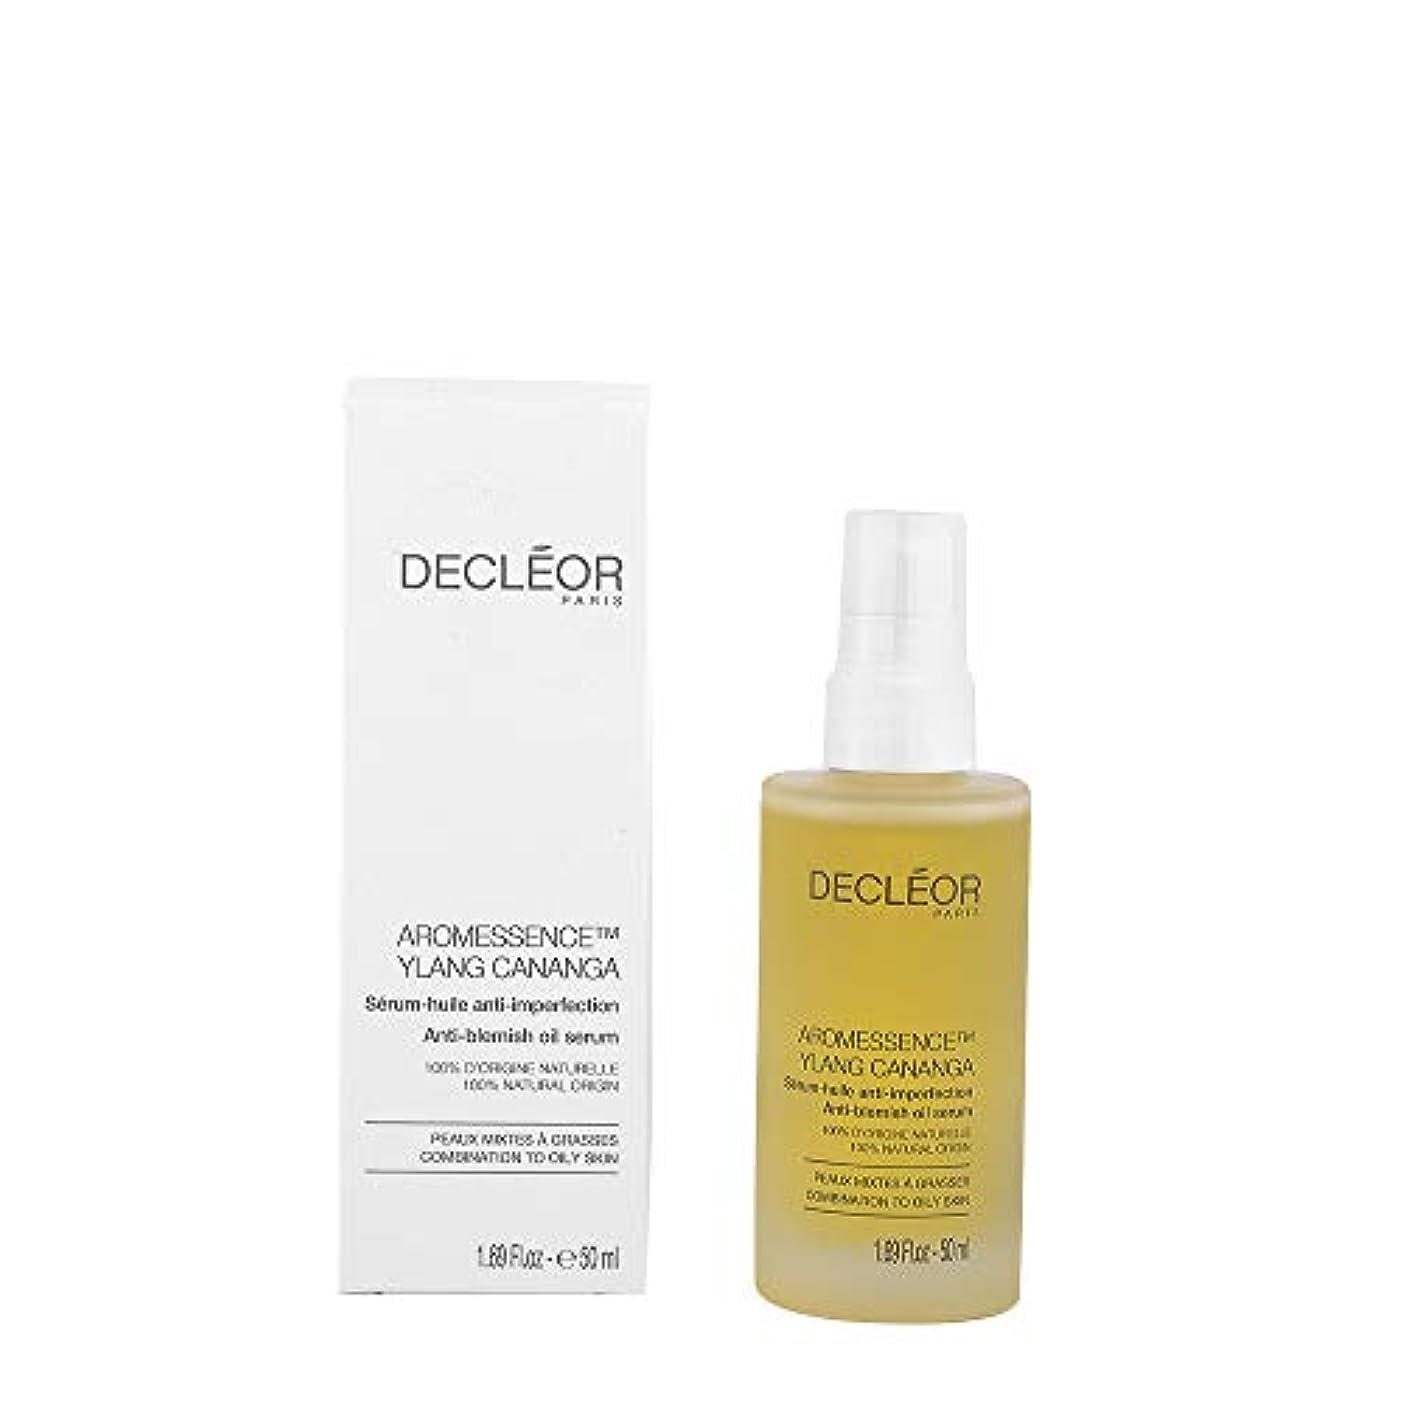 ノーブル倉庫昇進デクレオール Aromessence Ylang Cananga Anti-Blemish Oil Serum - For Combination to Oily Skin (Salon Size) 50ml/1.69oz...